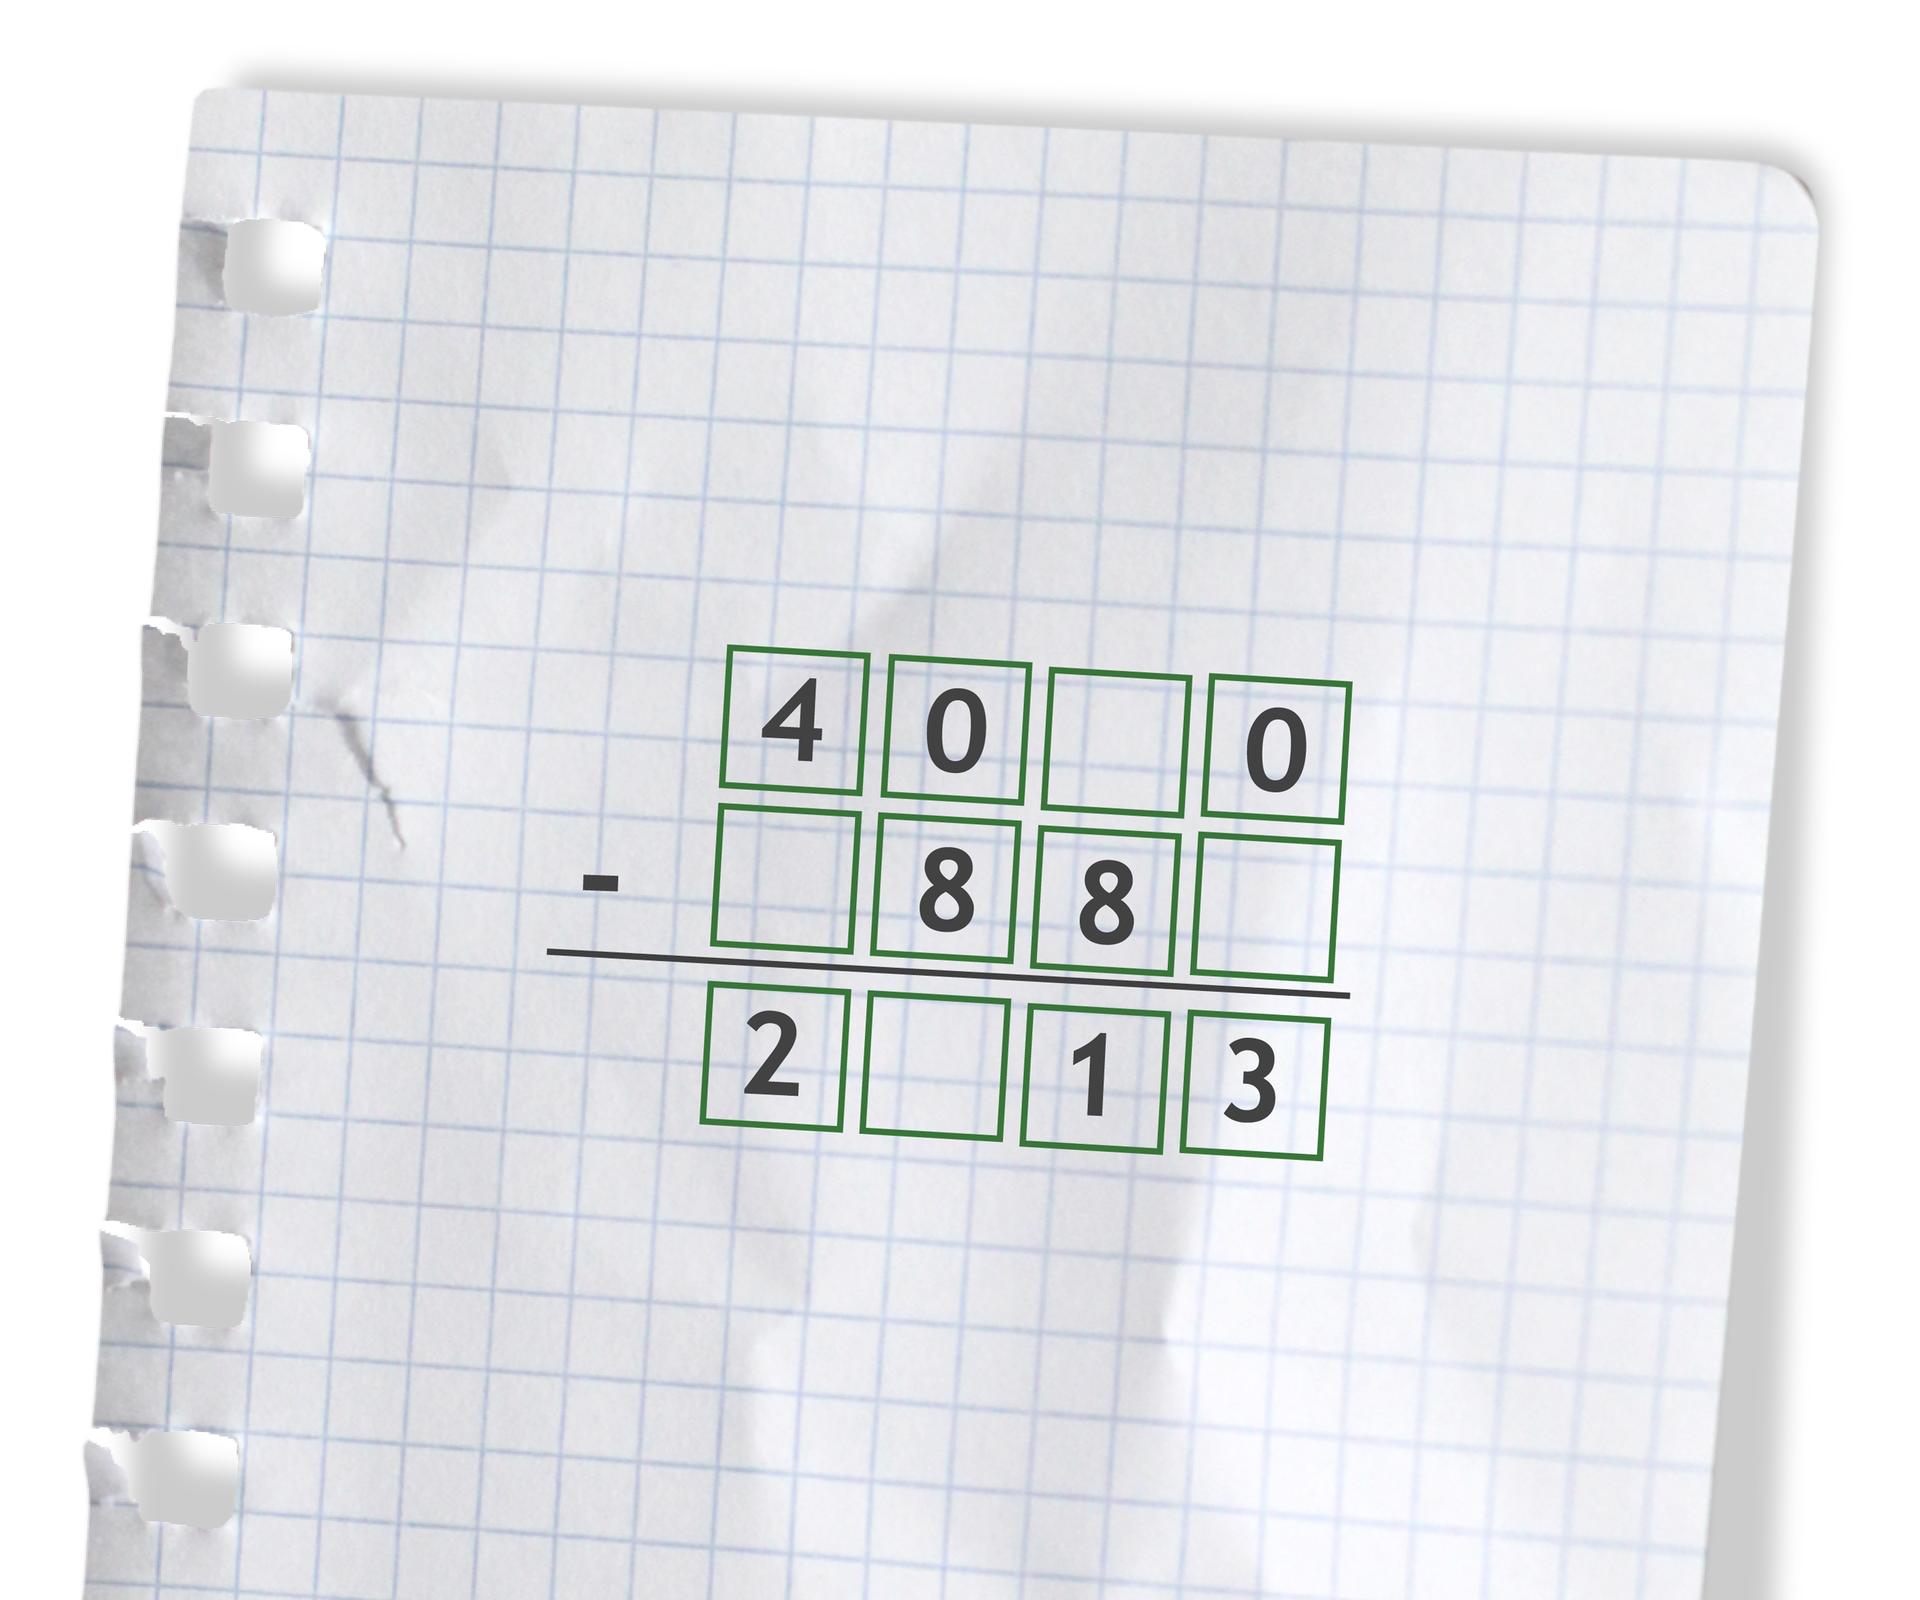 Przykład - puste do uzupełnienia cyframi: 40 puste 0 odjąć puste 88 puste =2 puste 13.